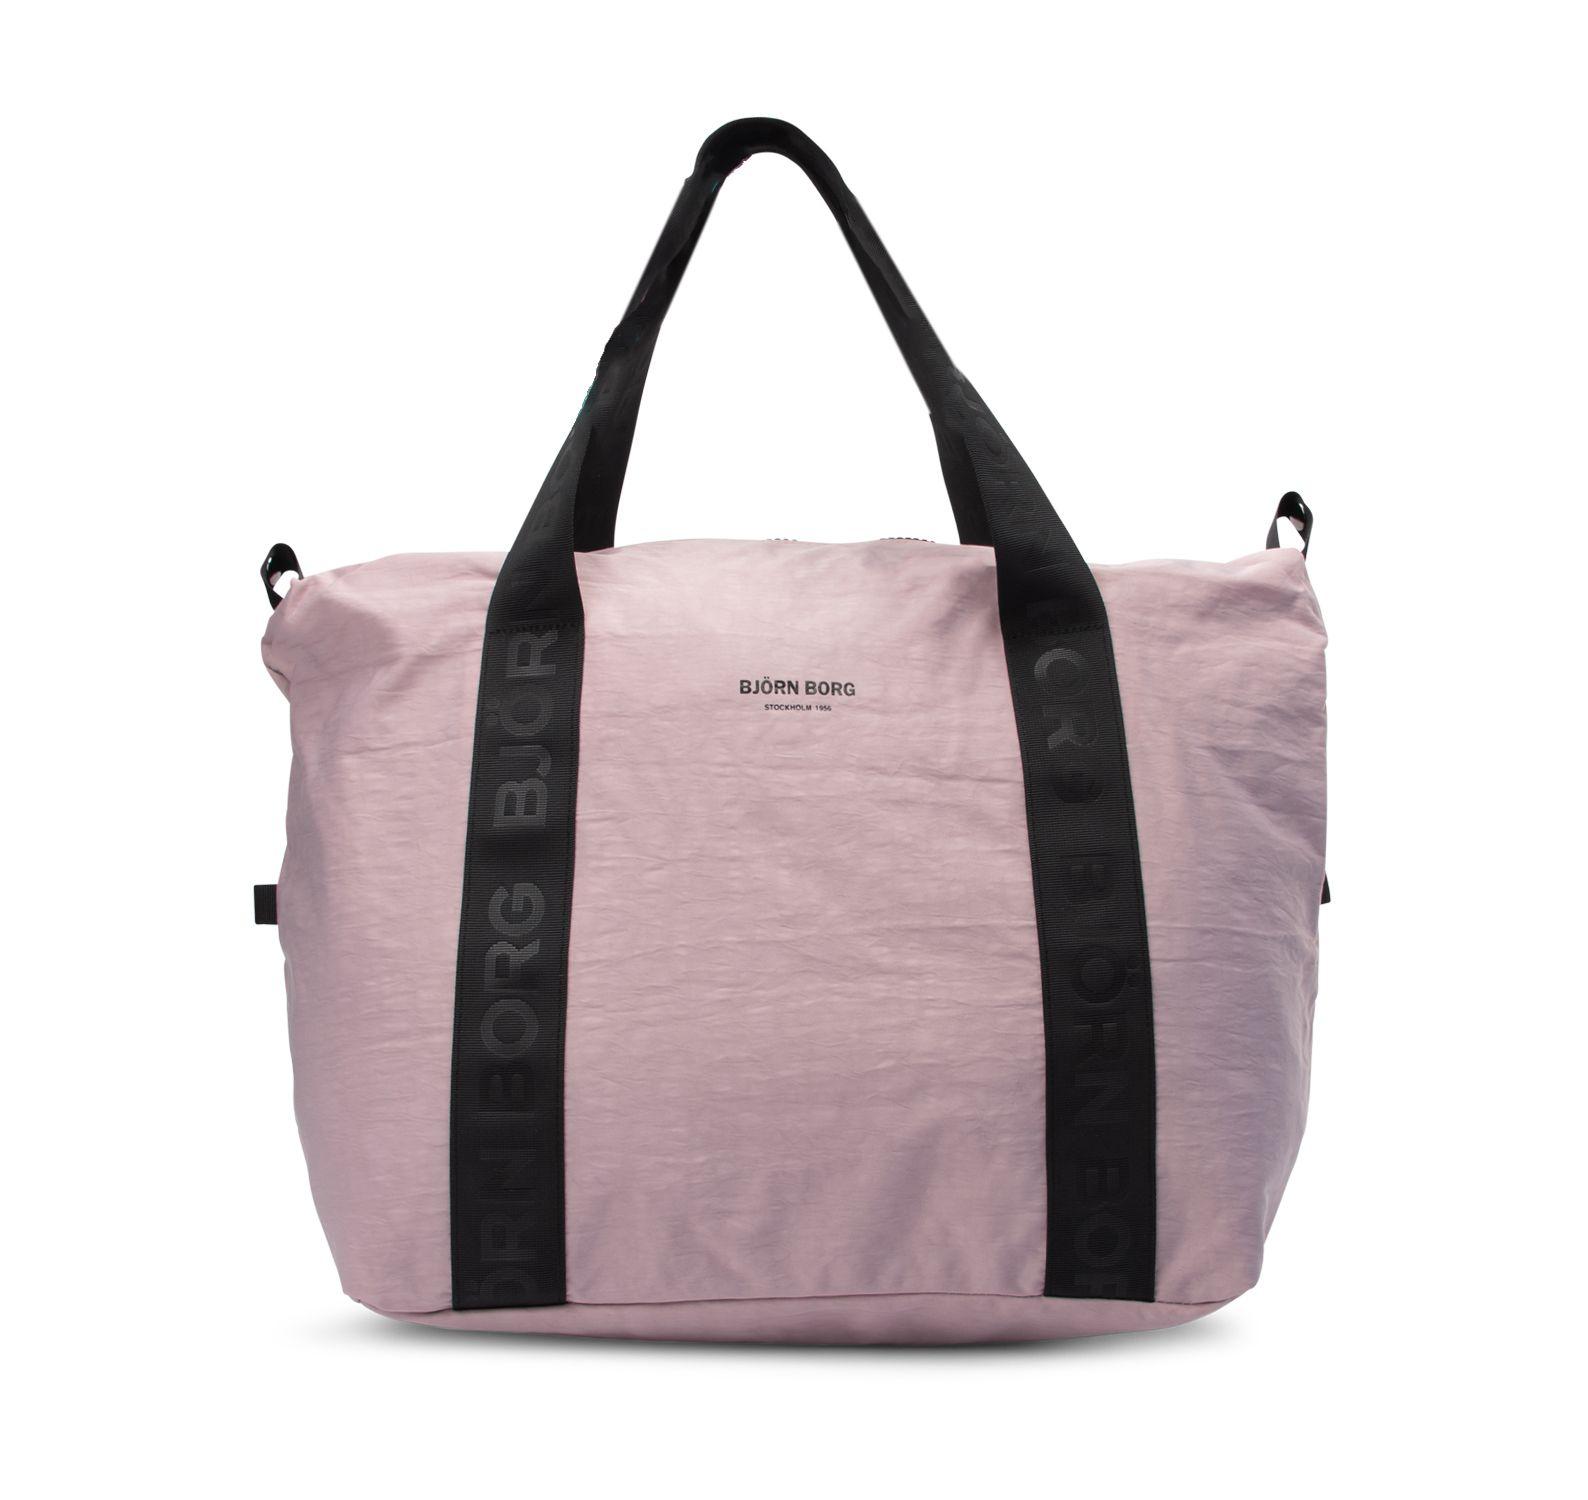 Roxy Shoulder Bag, Pink, Onesize,  Björn Borg